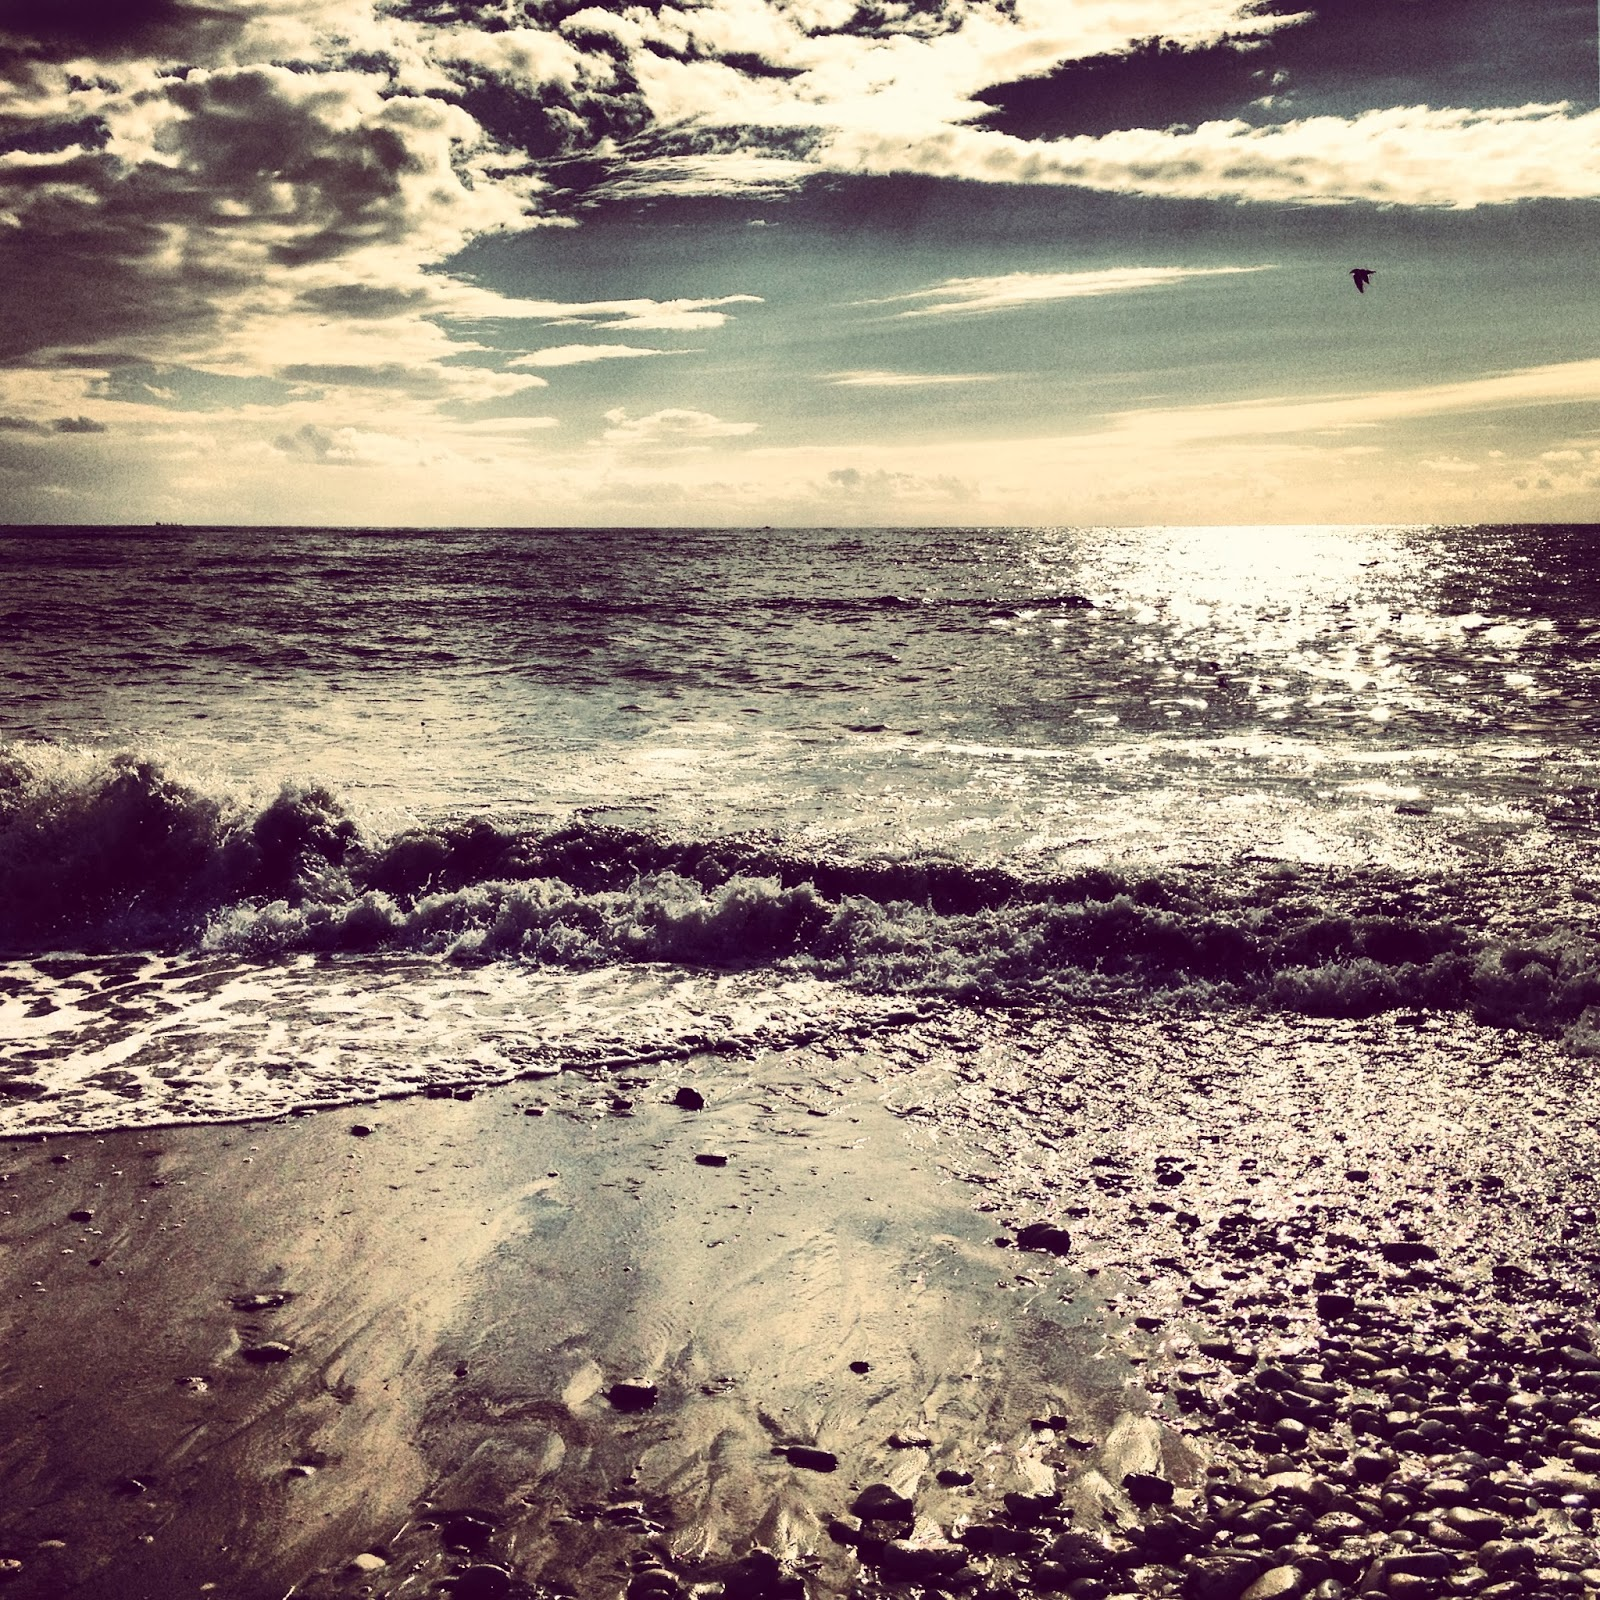 photo couché du soleil sur la plage de la côte sauvage